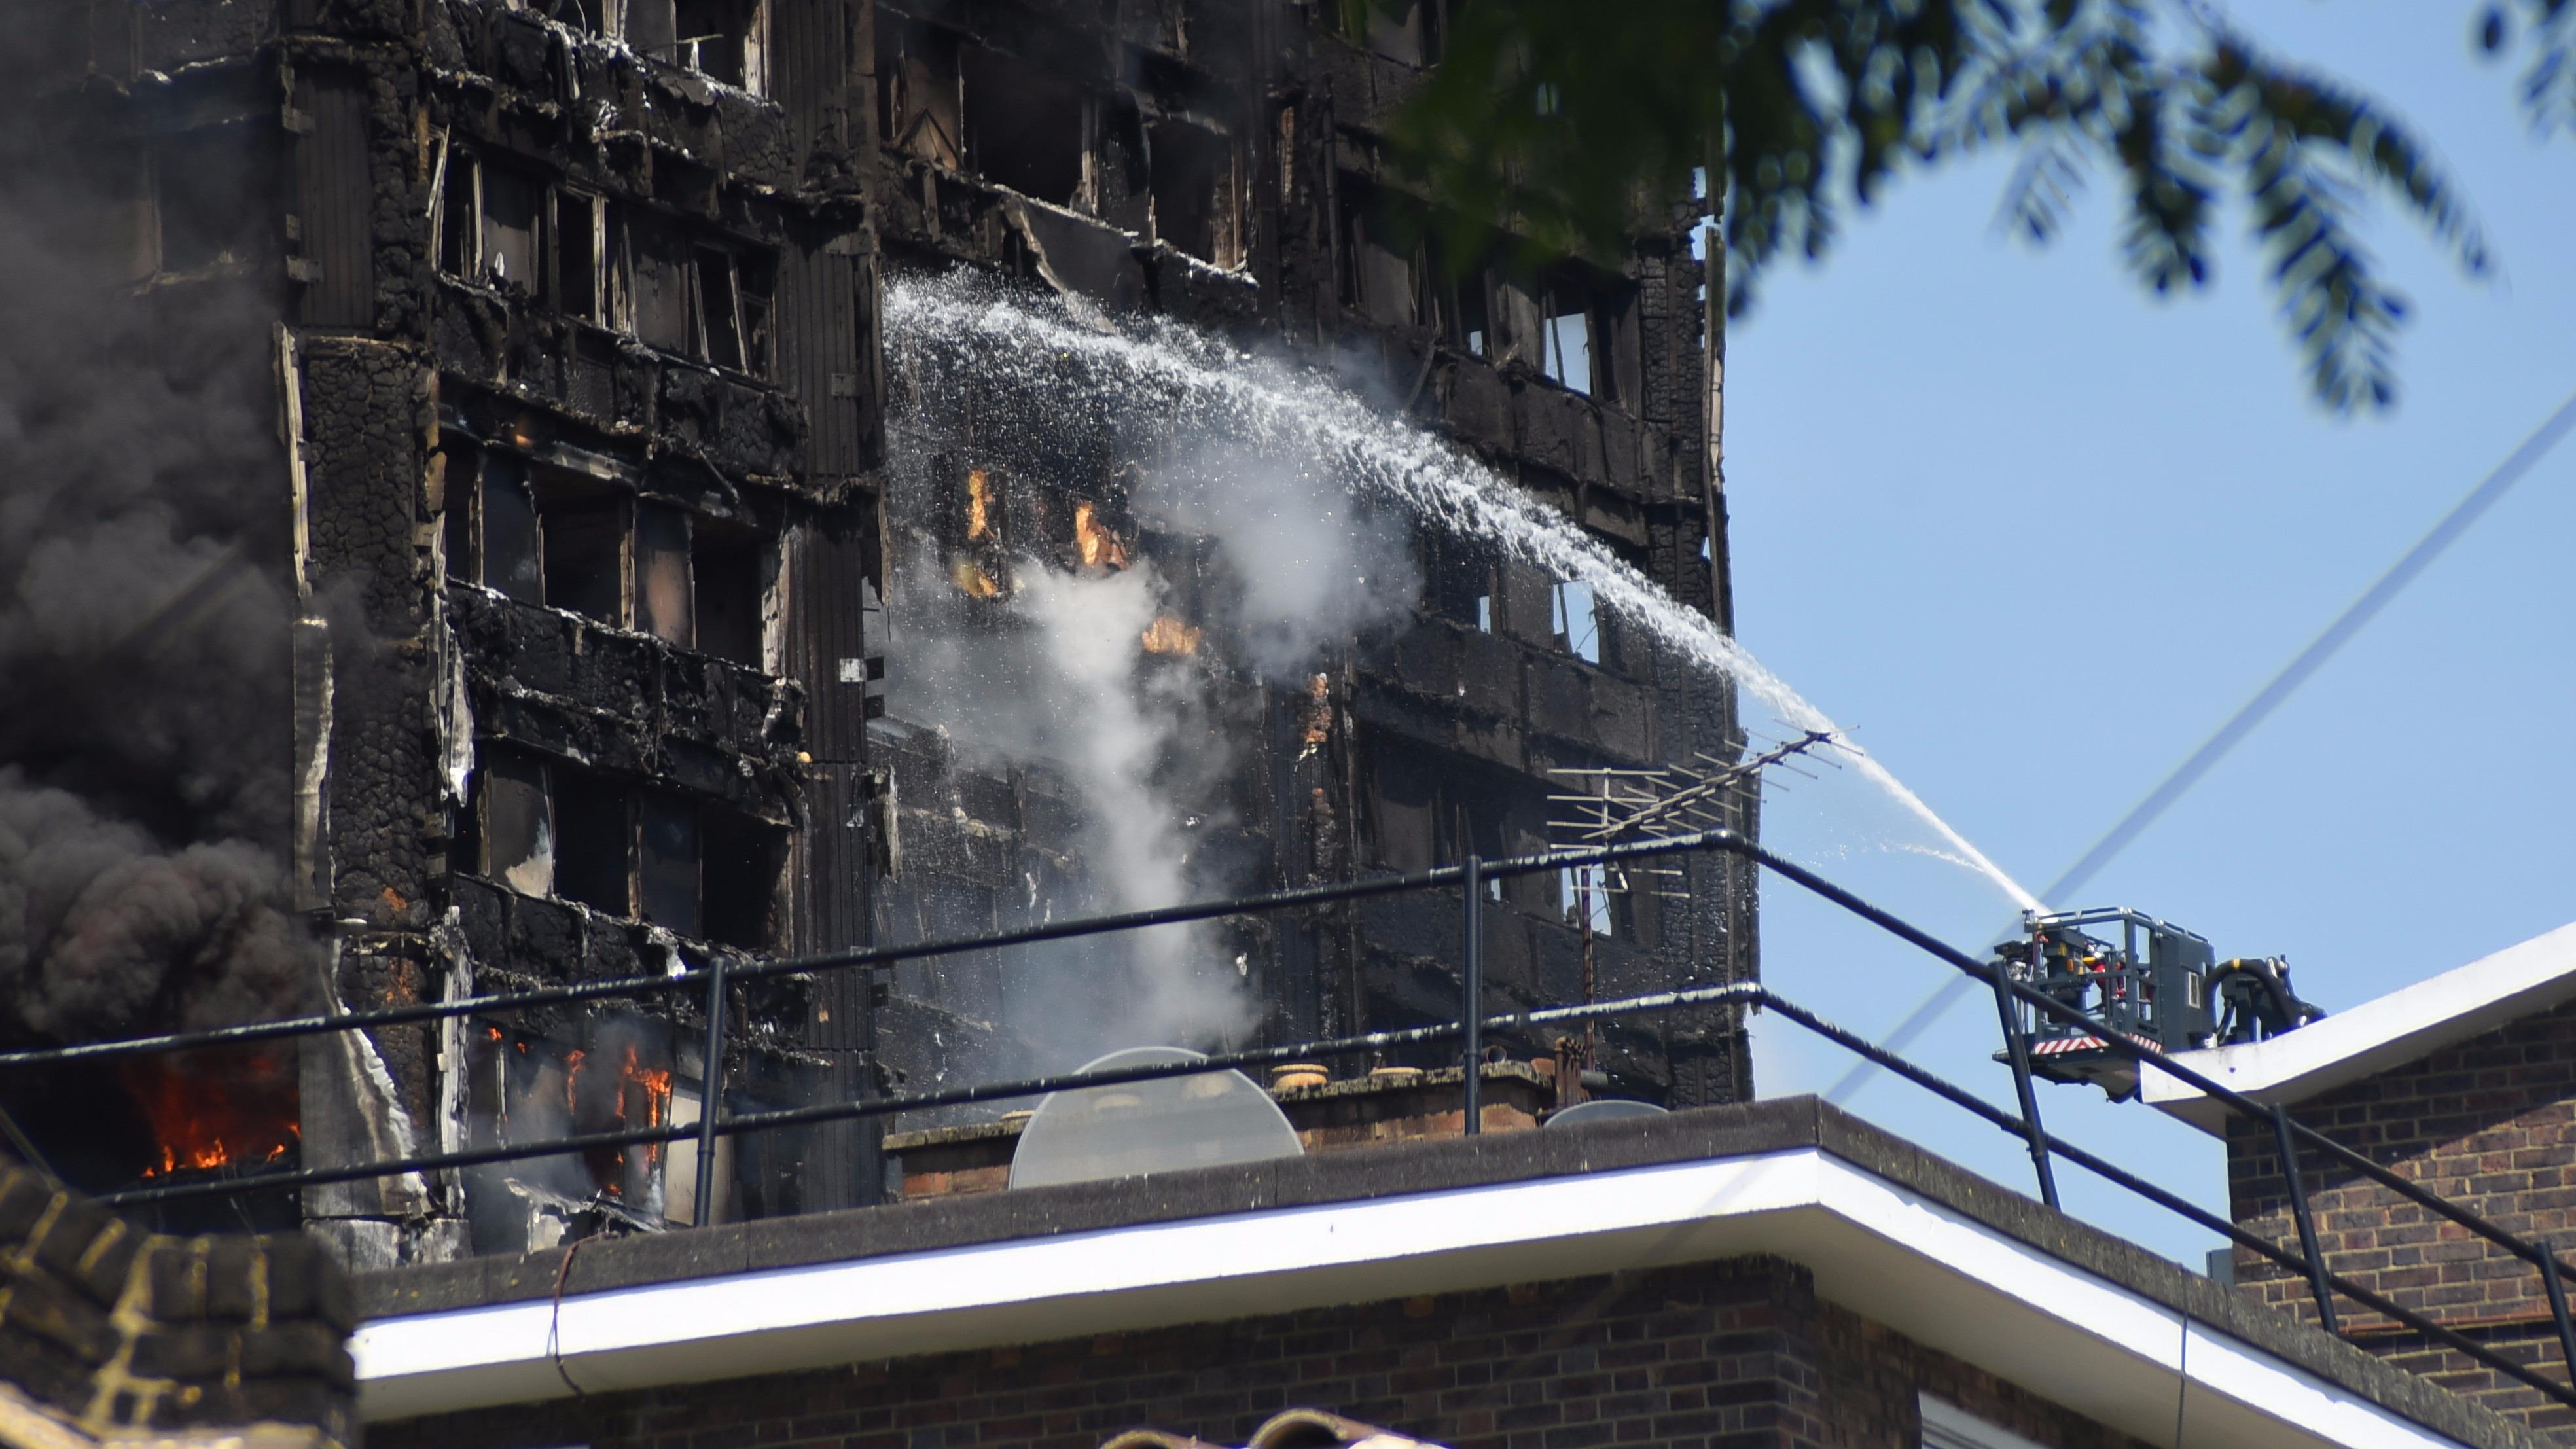 Grenfell Tower ablaze